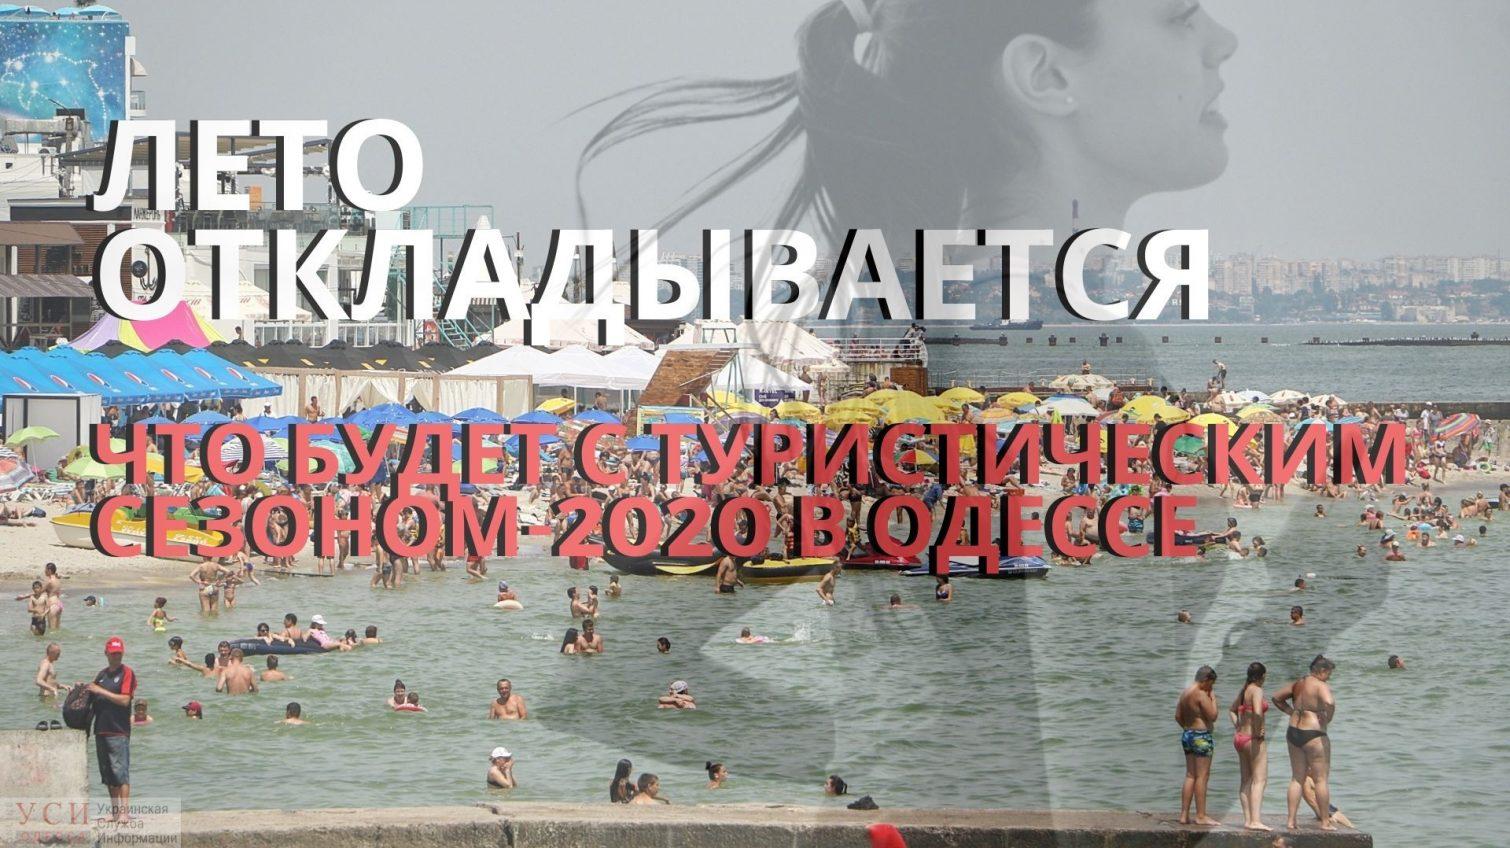 Лето откладывается: что будет с туристическим сезоном-2020 в Одессе «фото»